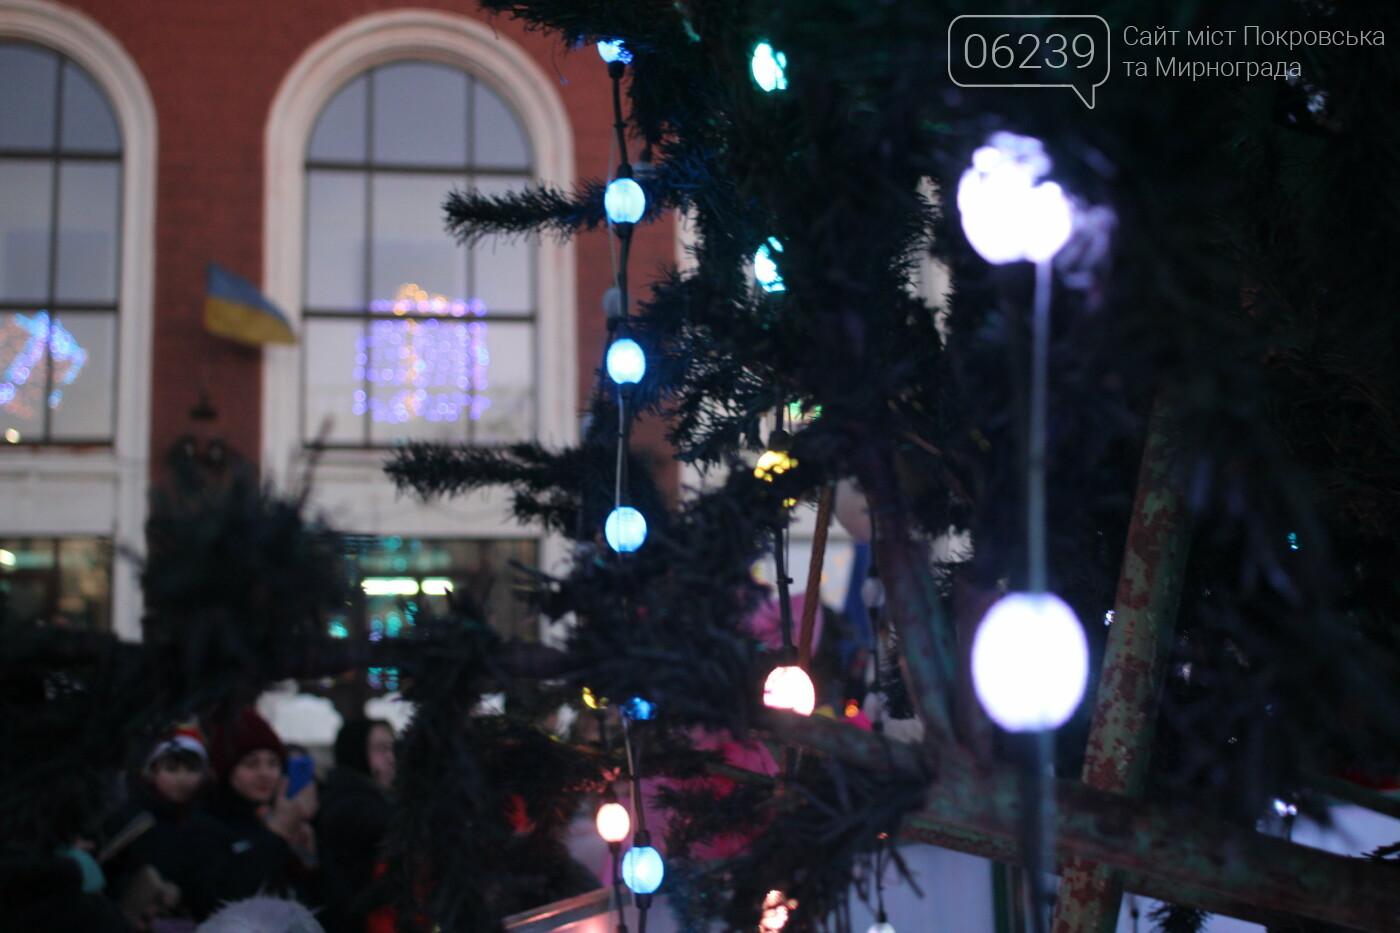 В какую сумму Мирнограду обошлась новогодняя ёлка?, фото-3